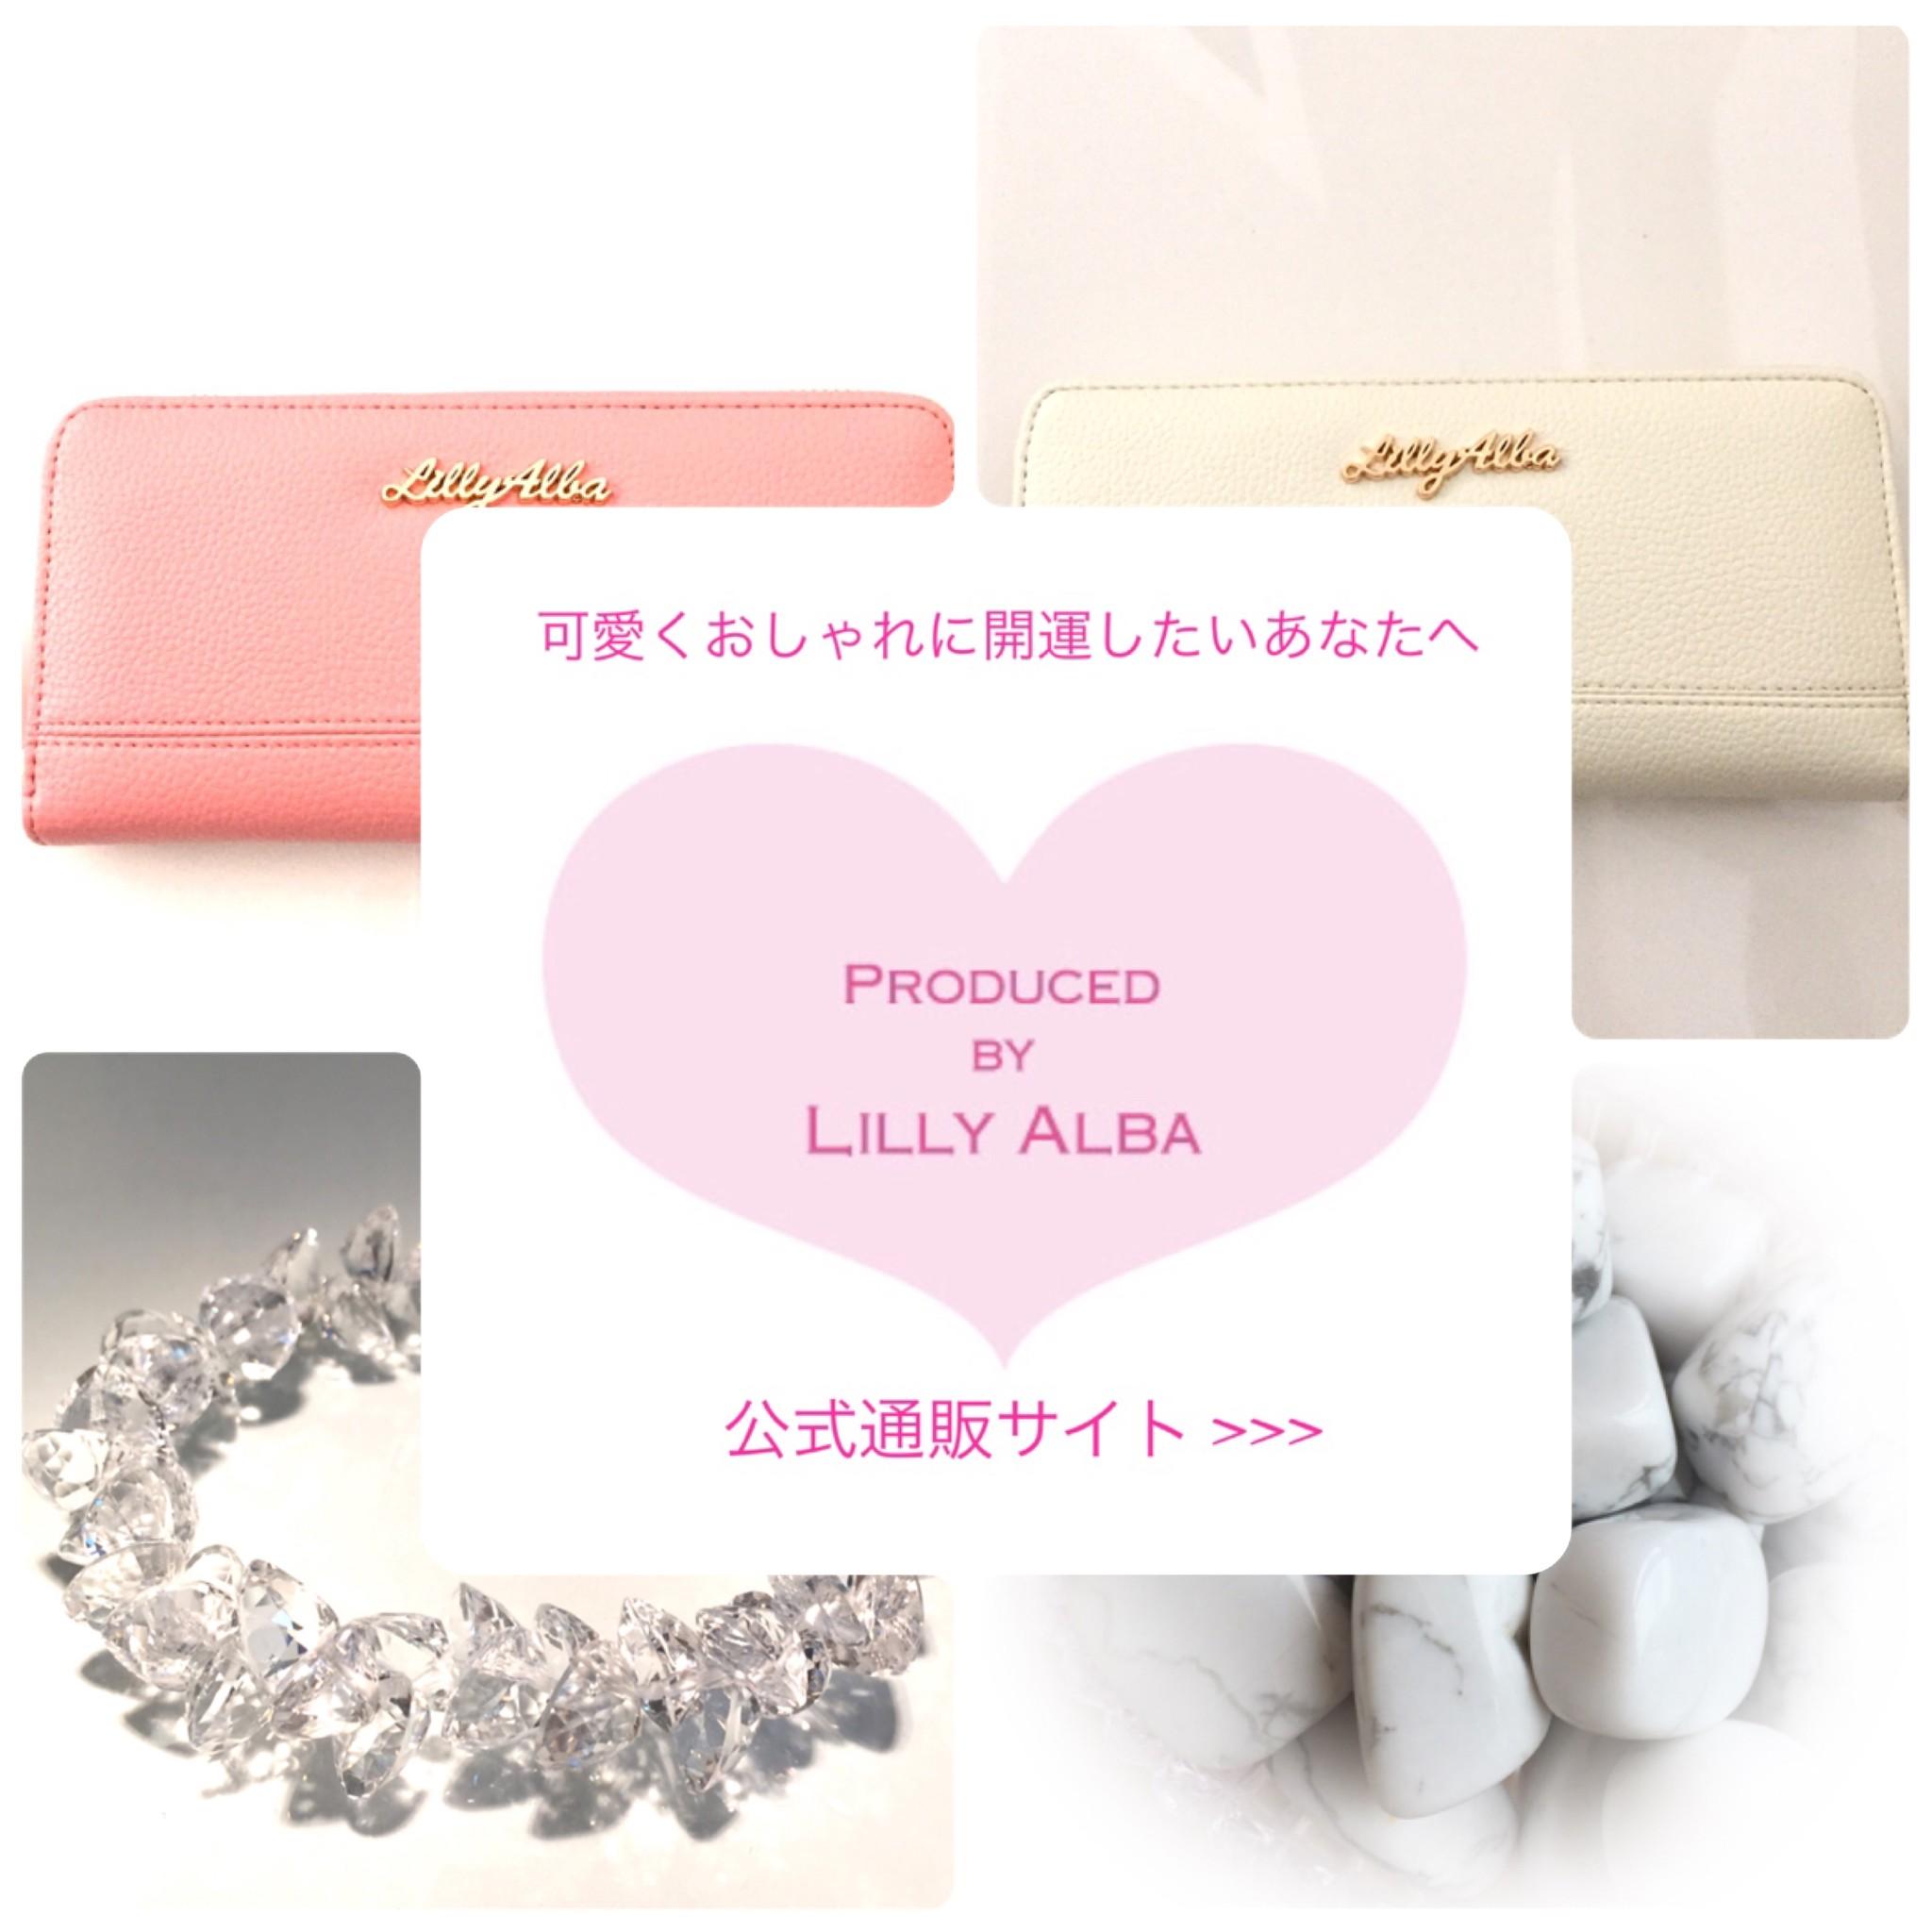 リリーアルバ公式通販サイト - 開運財布・パワーストーン